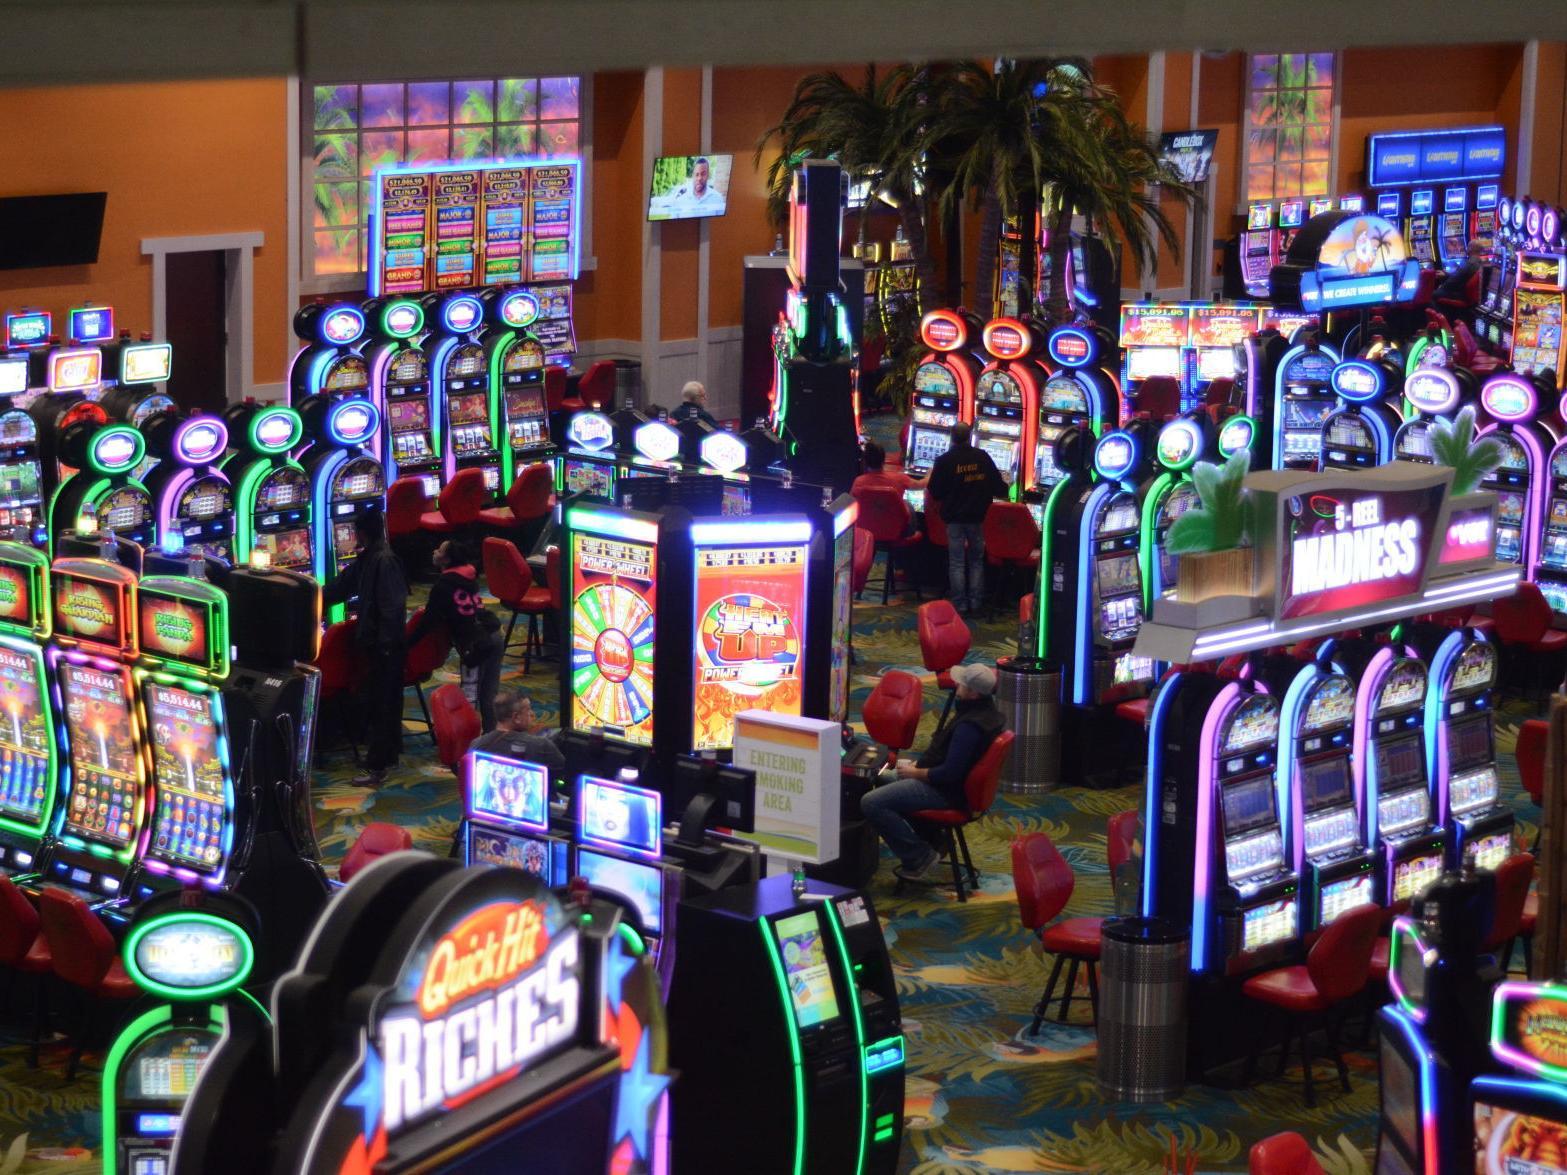 Gambling in oklahoma sharon cuneta chumash casino